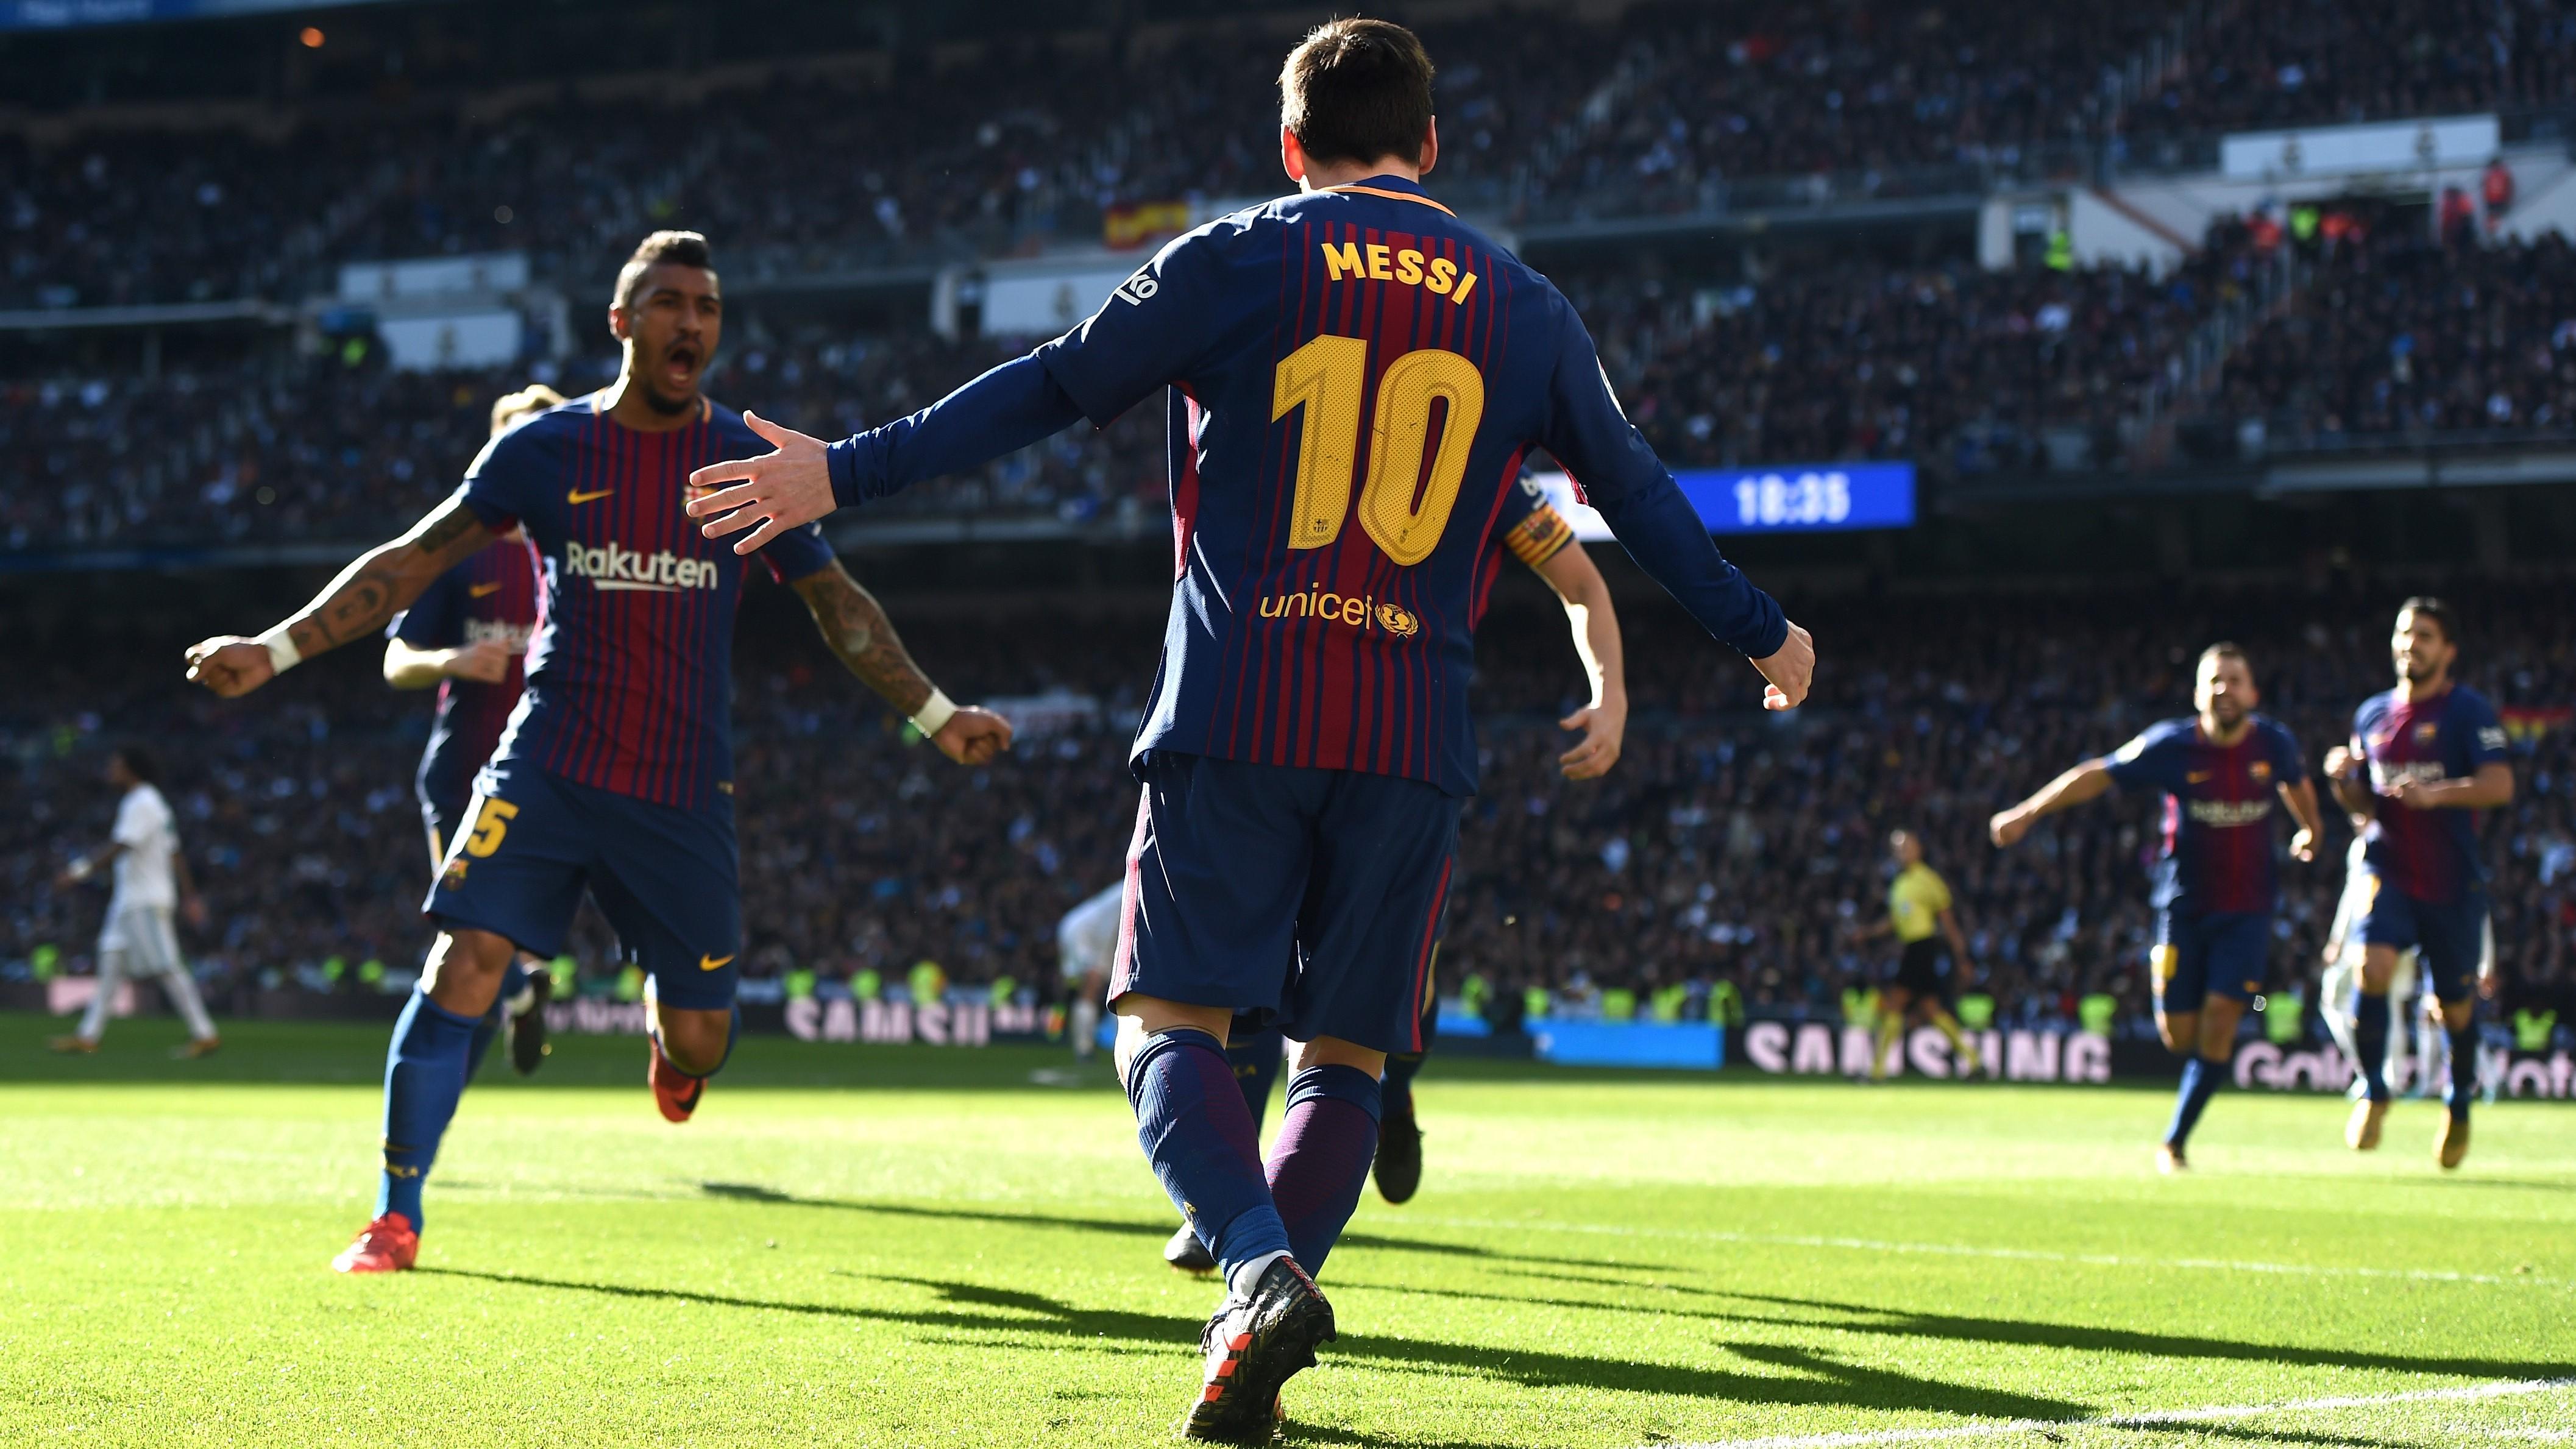 Lionel Messi Real Madrid Barcelona El Clásico LaLiga 23122017